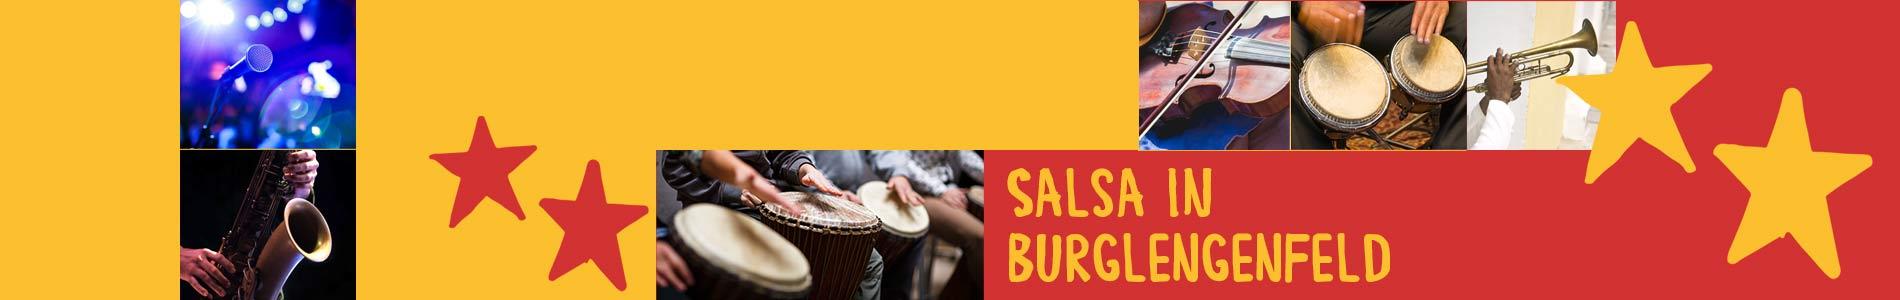 Salsa in Burglengenfeld – Salsa lernen und tanzen, Tanzkurse, Partys, Veranstaltungen